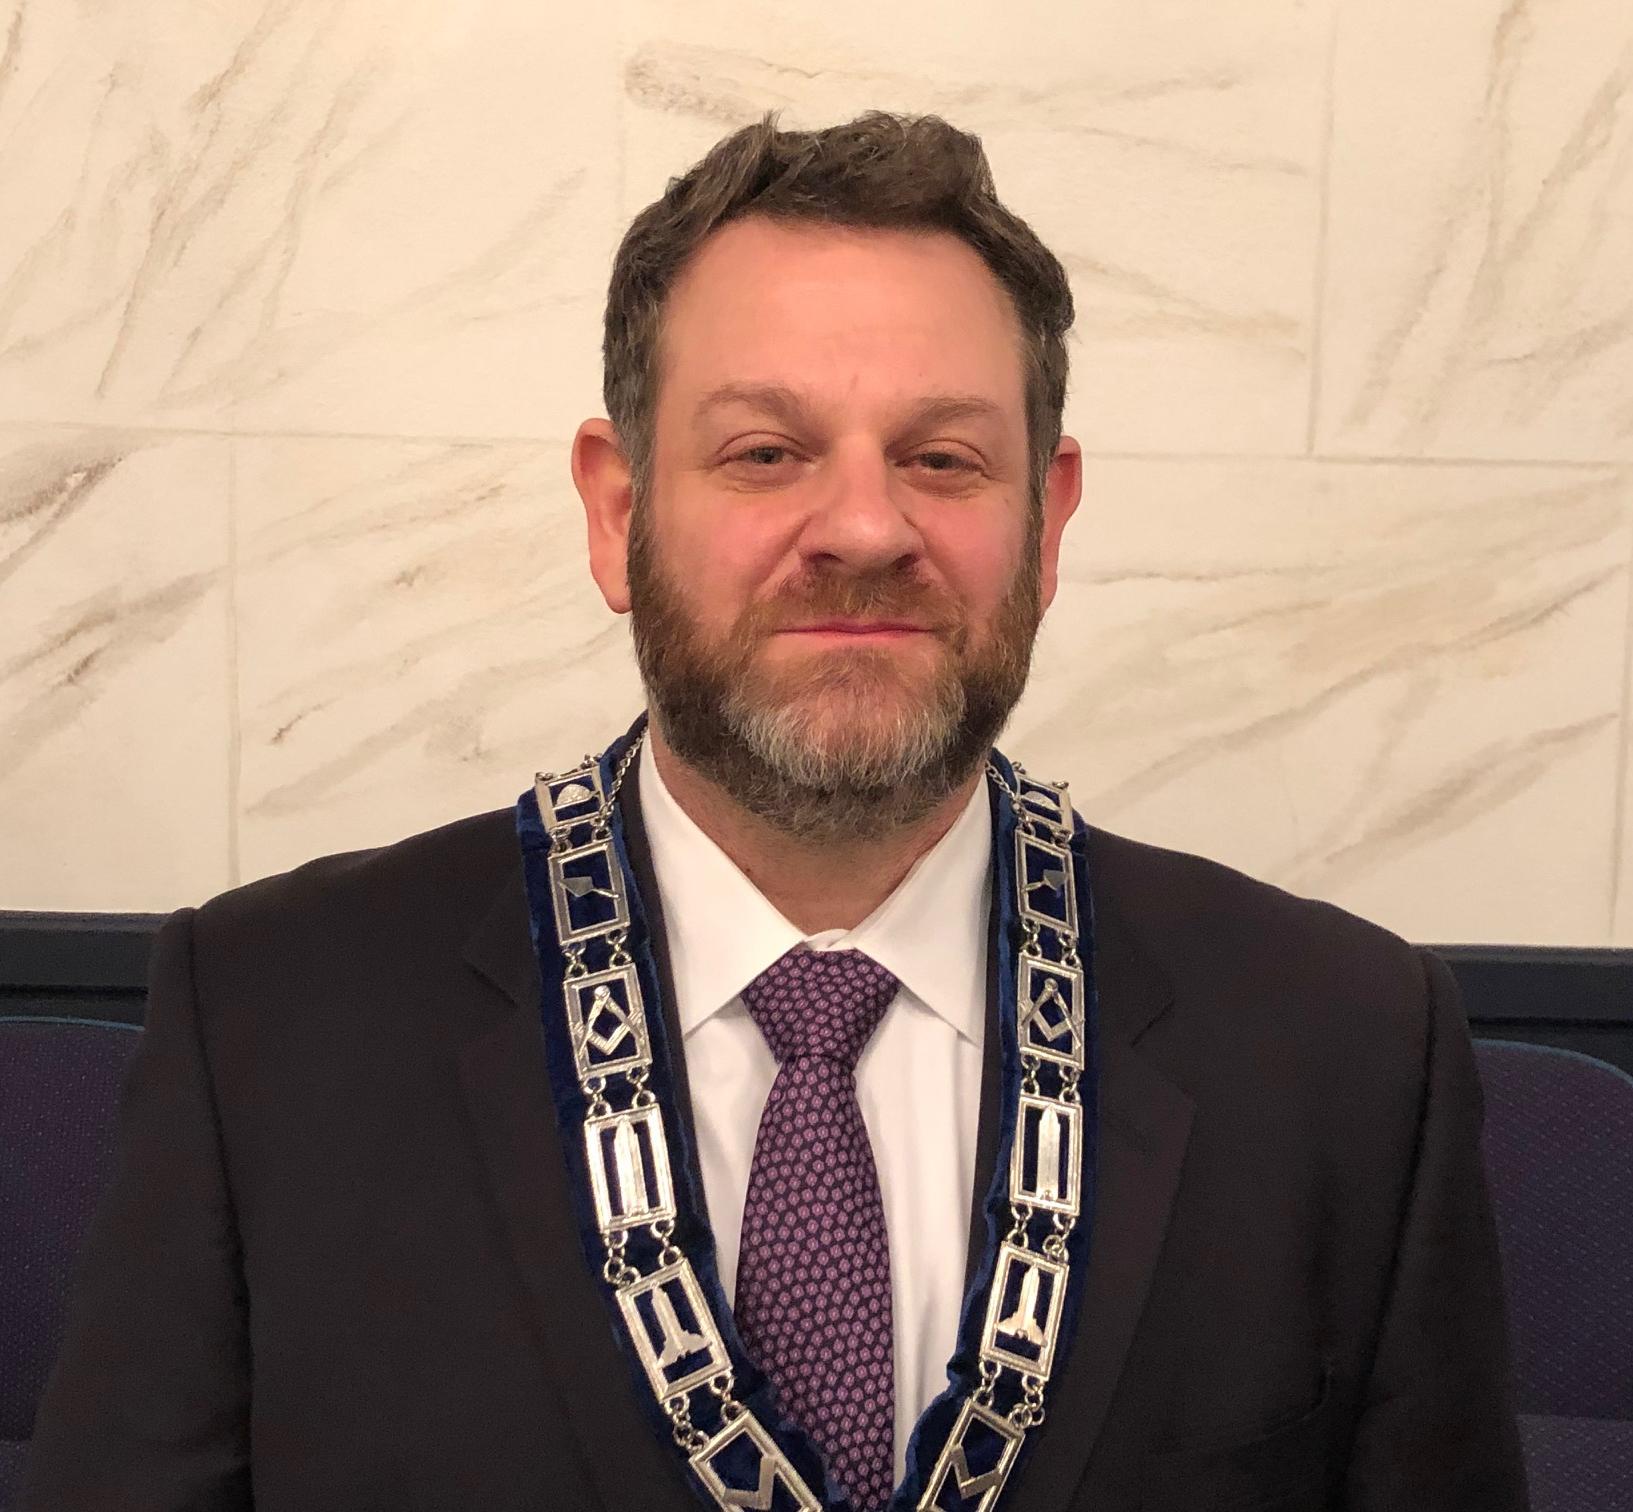 Marshall N. Willner, PM - Treasurer